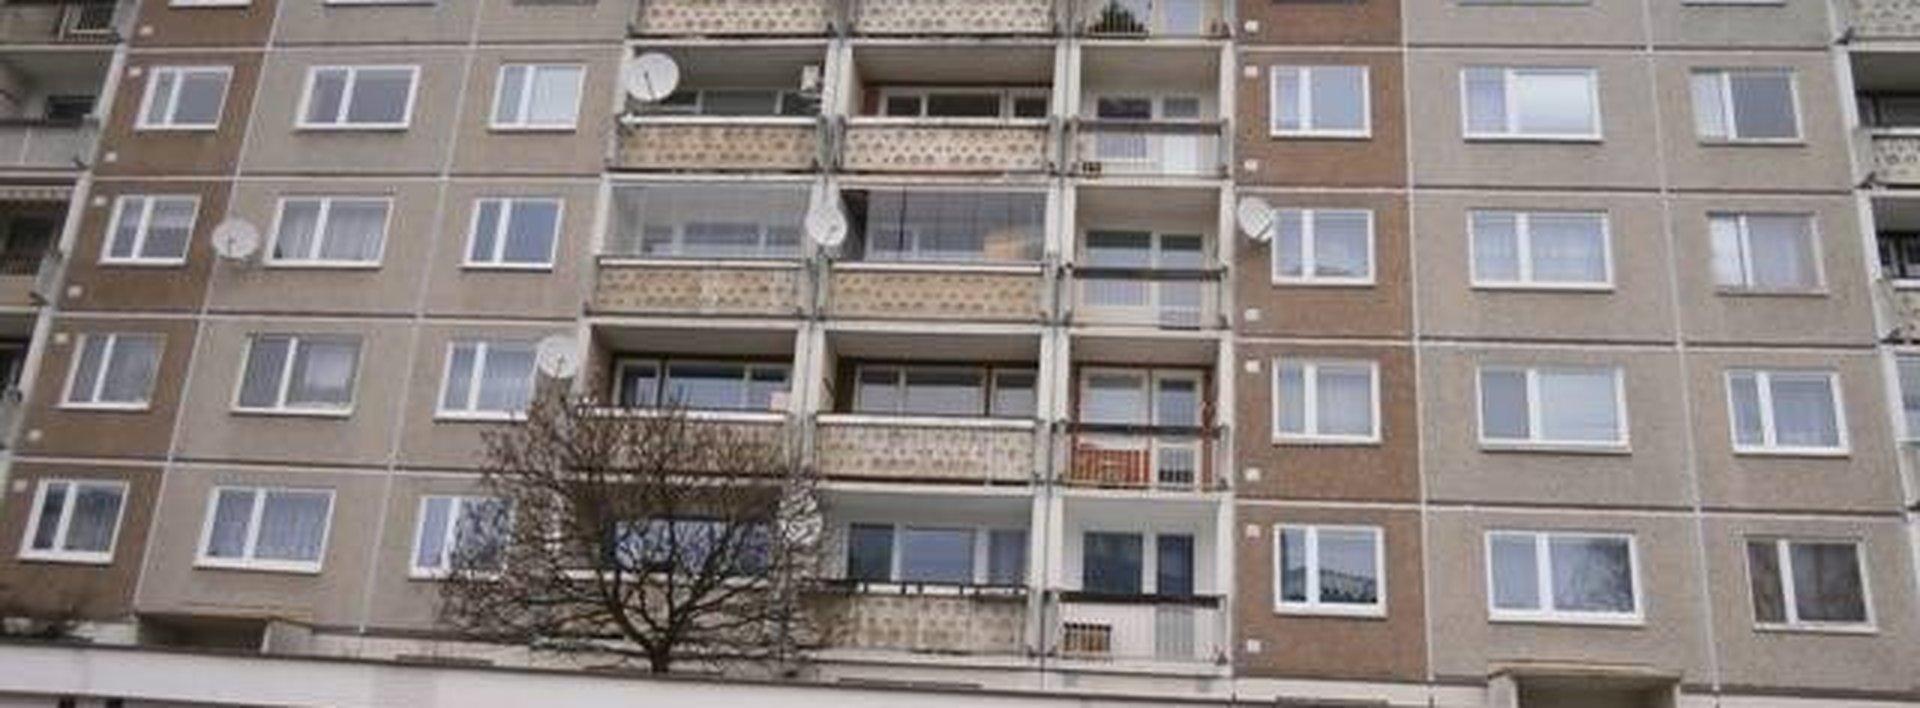 Slunný prostorný byt 3+1+L, 80m2, v blízkosti centra města LBC, Ev.č.: N45989